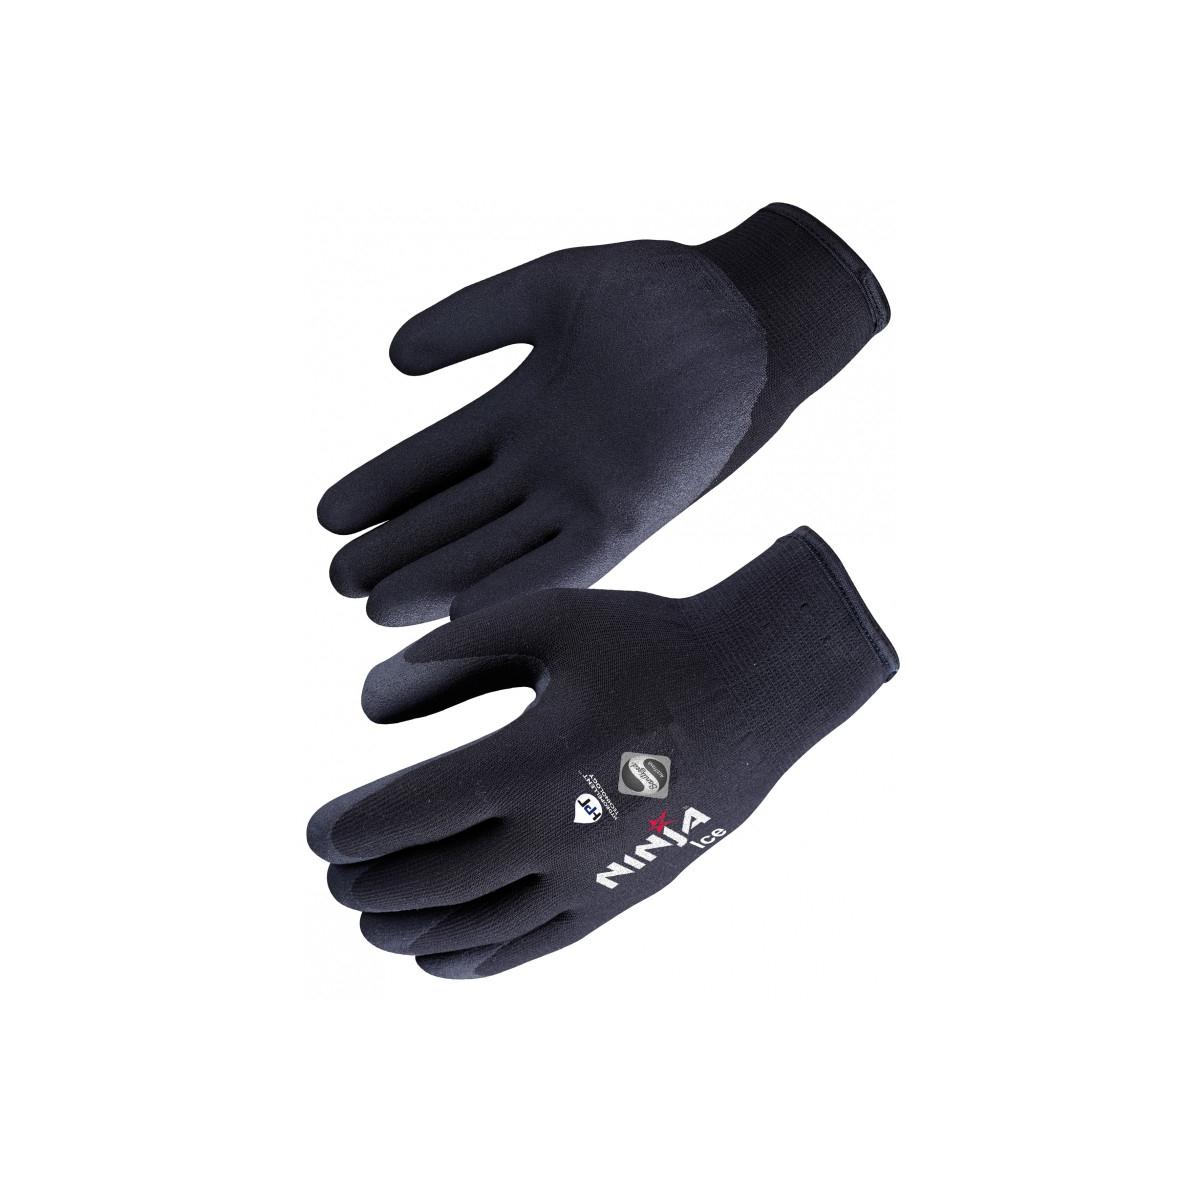 Gant Anti Froid Ninja Ice Singer Taille 9  L Noir Doublure